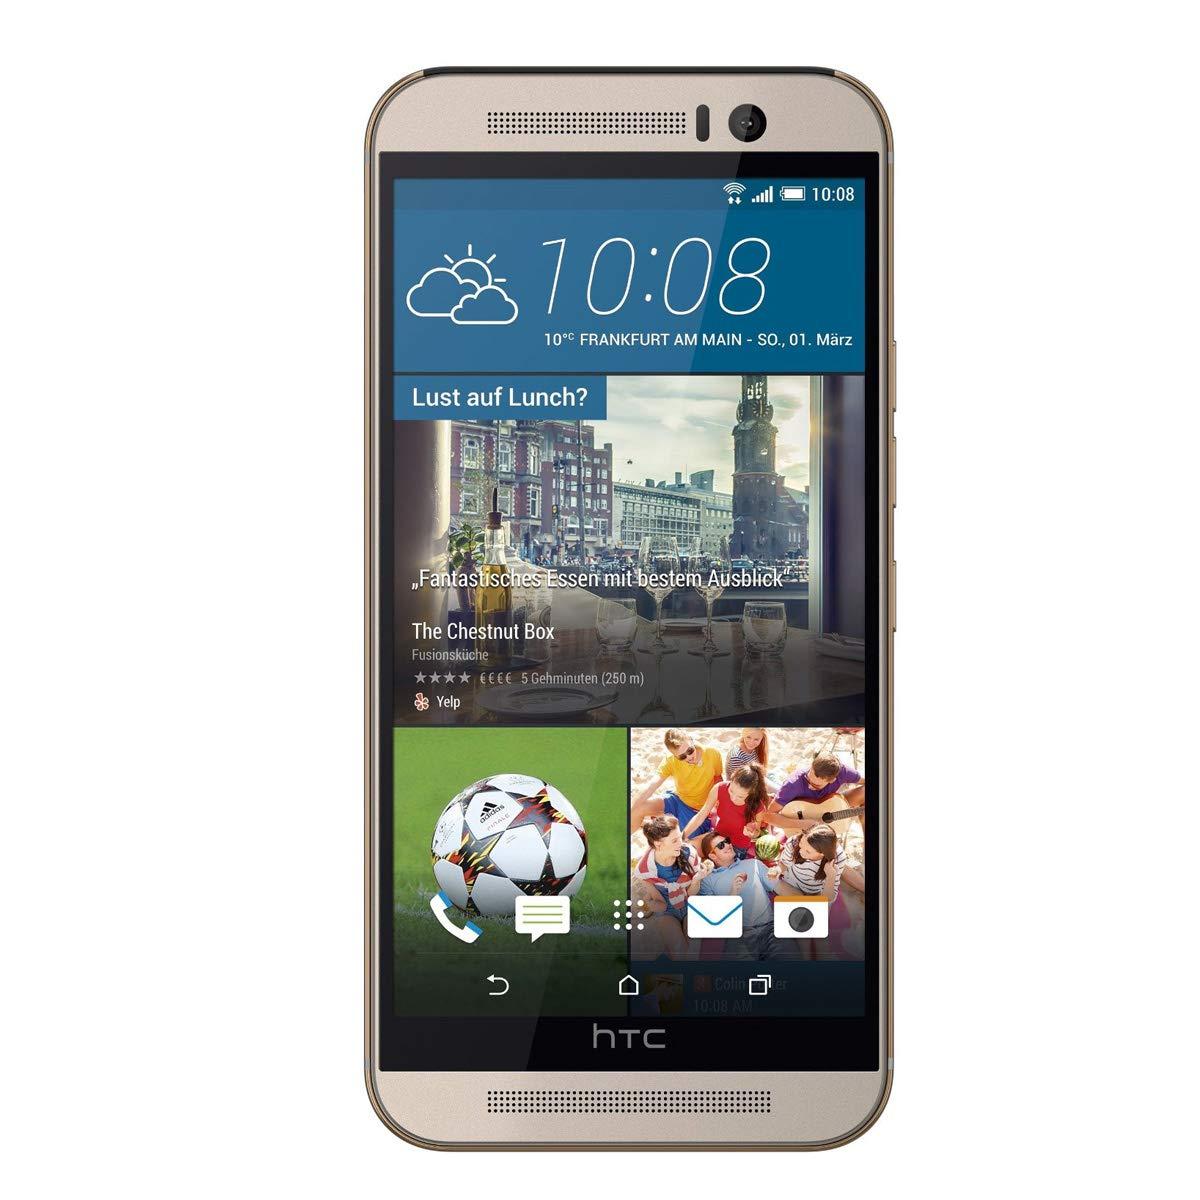 Dieses Smartphone zählt zu den aktuellen Top-Modellen